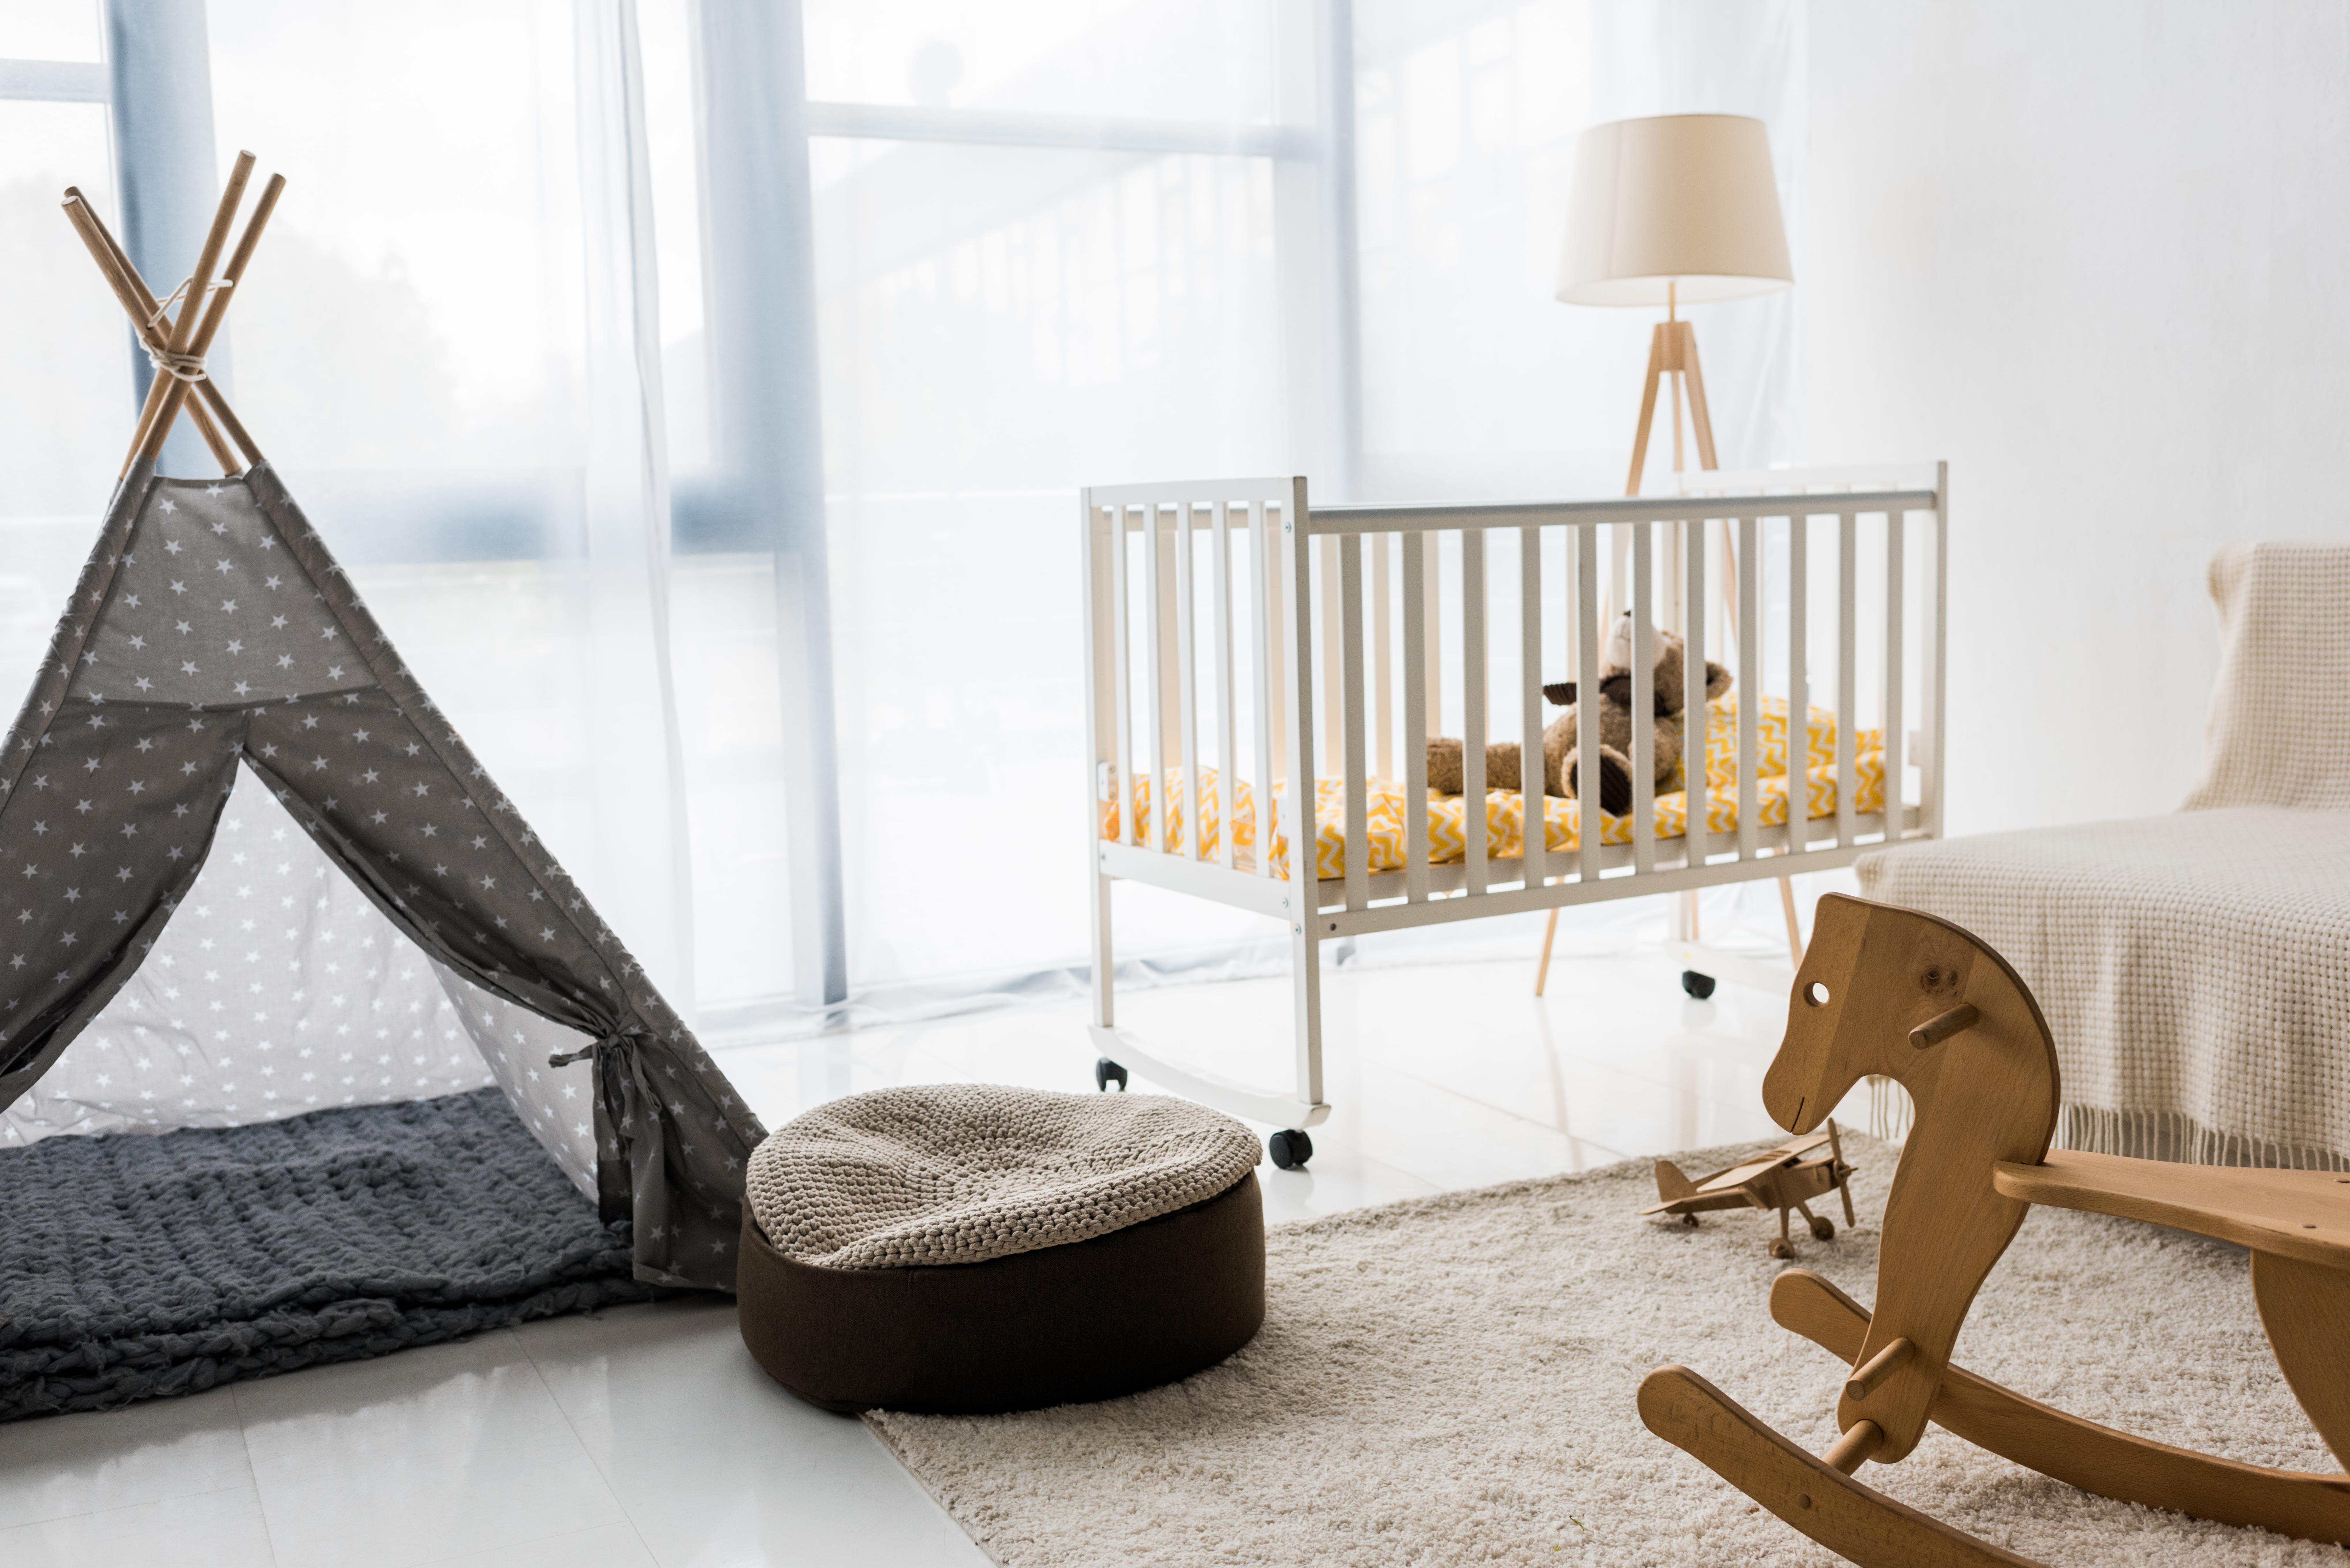 chambre bébé enfant tipi, cheval de bois